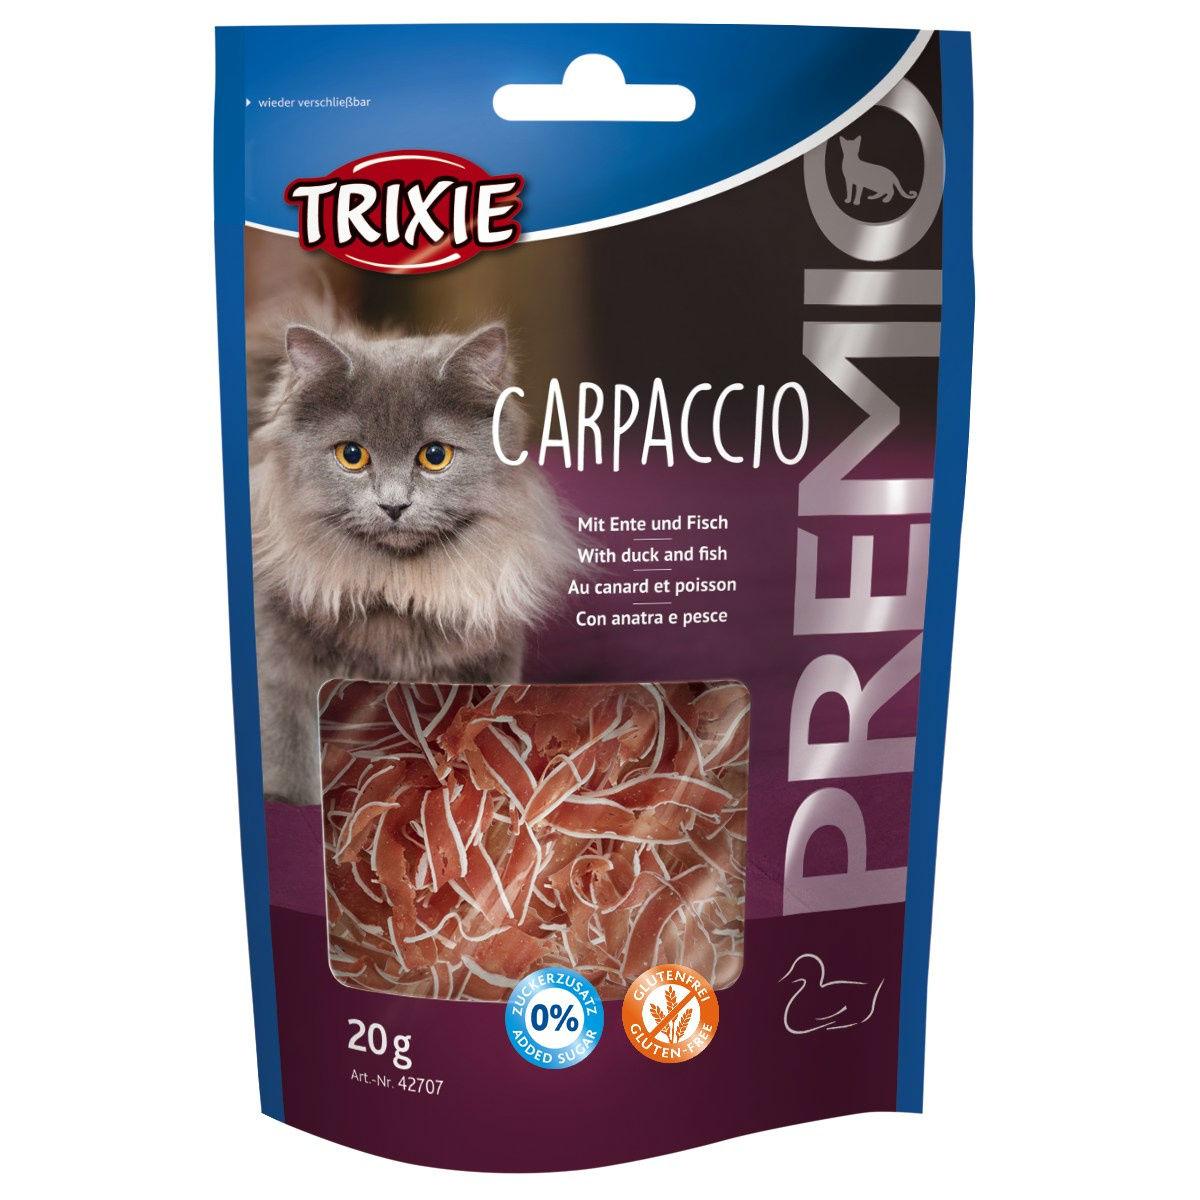 Trixie PREMIO Carpaccio Katzensnack, Ente und Fisch, 20 g